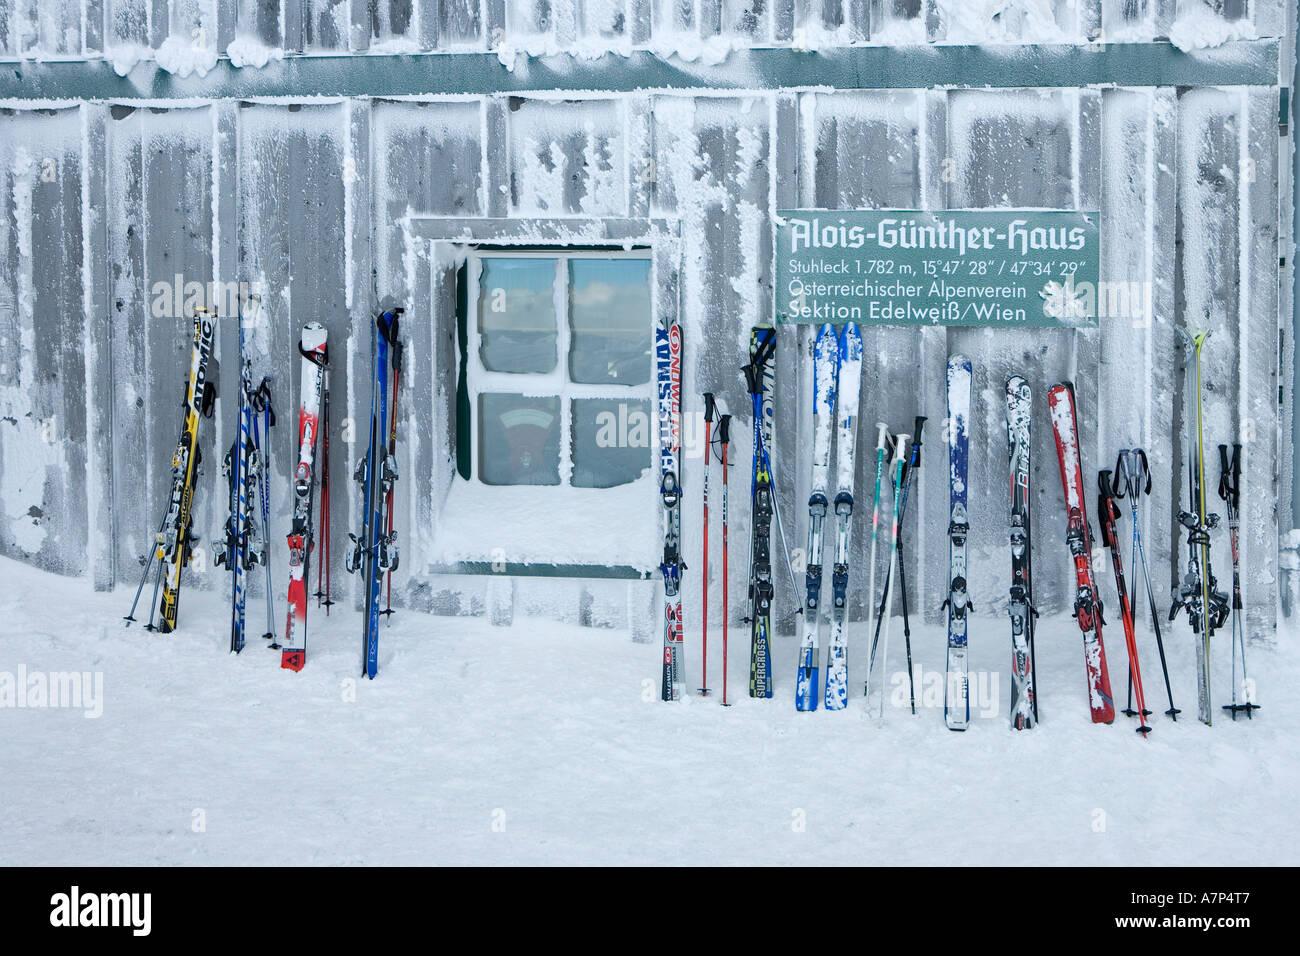 Ski lean on the wall of the Alois Günther mountain hut on top of the mountain Stuhleck Styria Austria - Stock Image